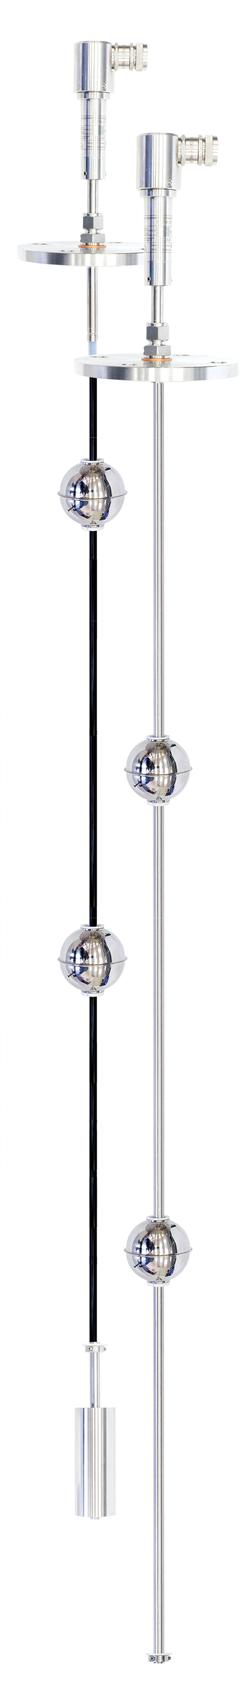 Датчики уровня магнитострикционные ПЛП